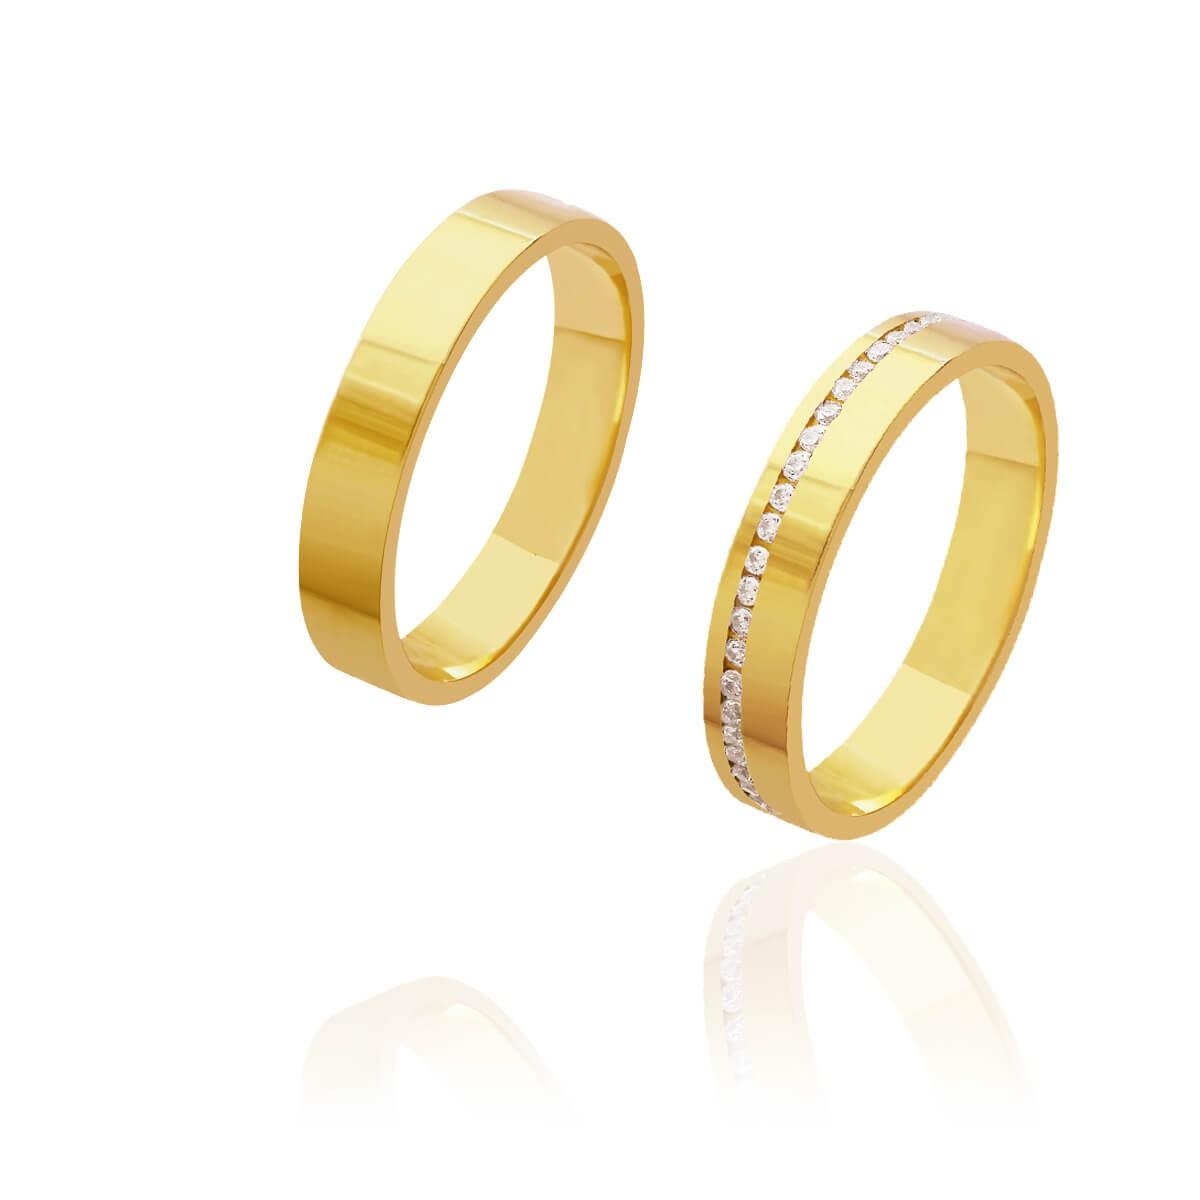 Par de Alianças de Casamento Diana Ouro Reta com Caminho de Brilhantes 4mm 7,5g